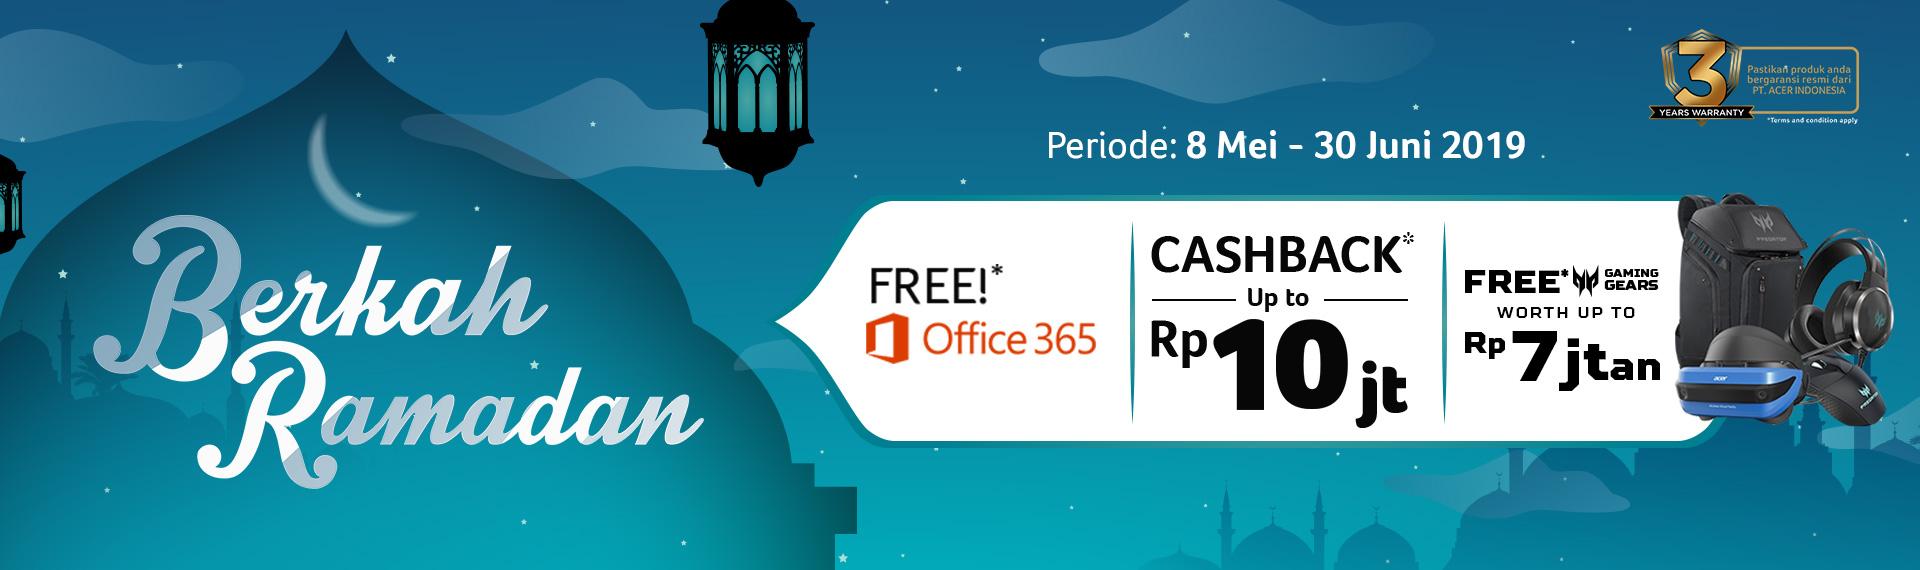 Fantastis! Acer Hadirkan Promo Berkah Ramadan, Berikan Cashback Hingga Rp10 Juta dan Bonus Gaming Gears Hingga 7 Jutaan Rupiah!